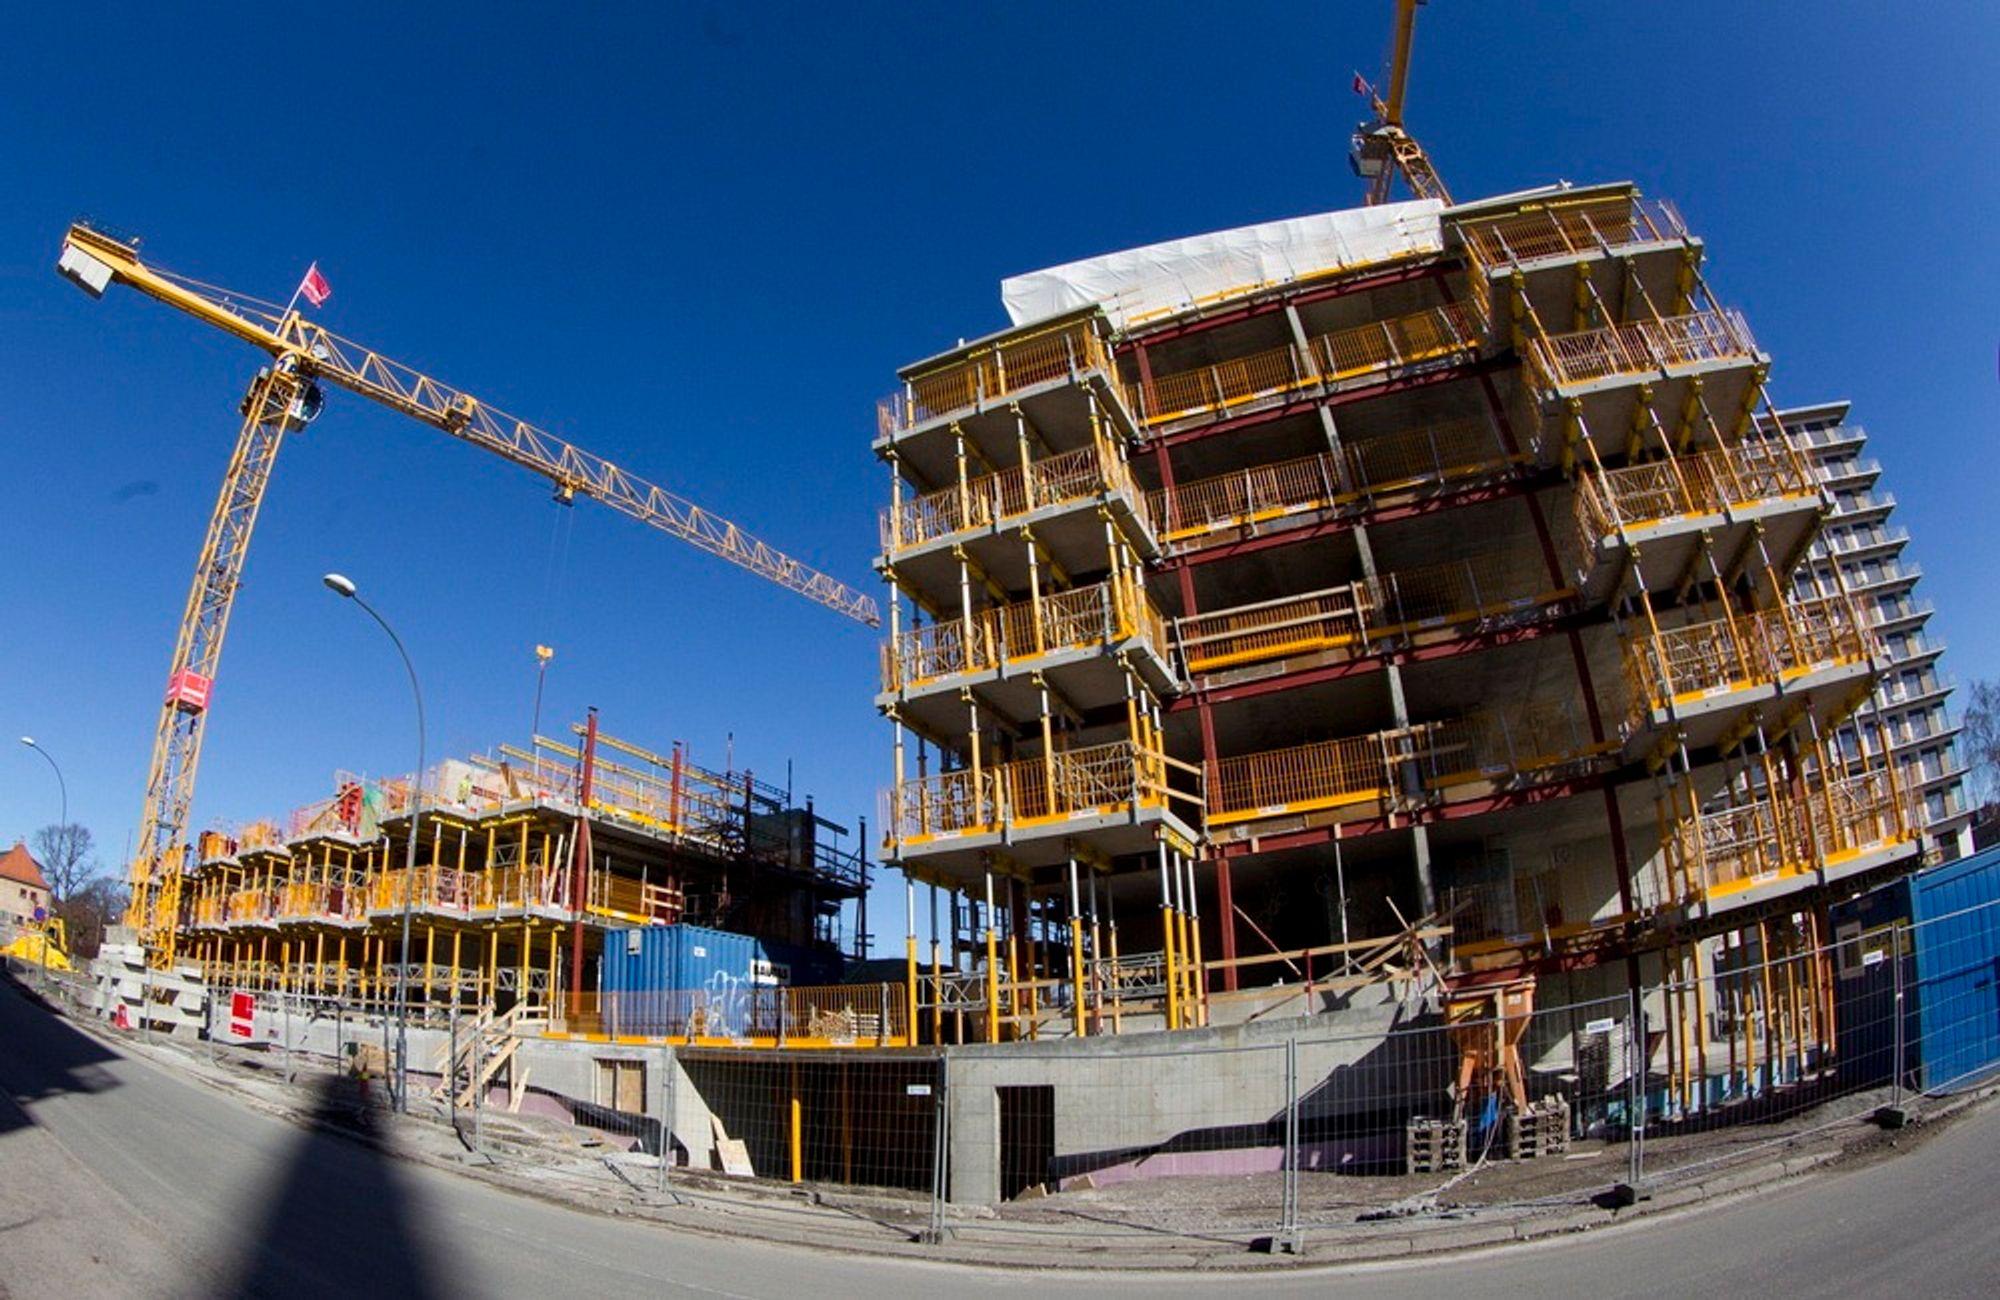 Høyre ønsker å fornkle regler og krav for å få raskere boligutbygging og bedre forutsigbarhet i byggenæringen.